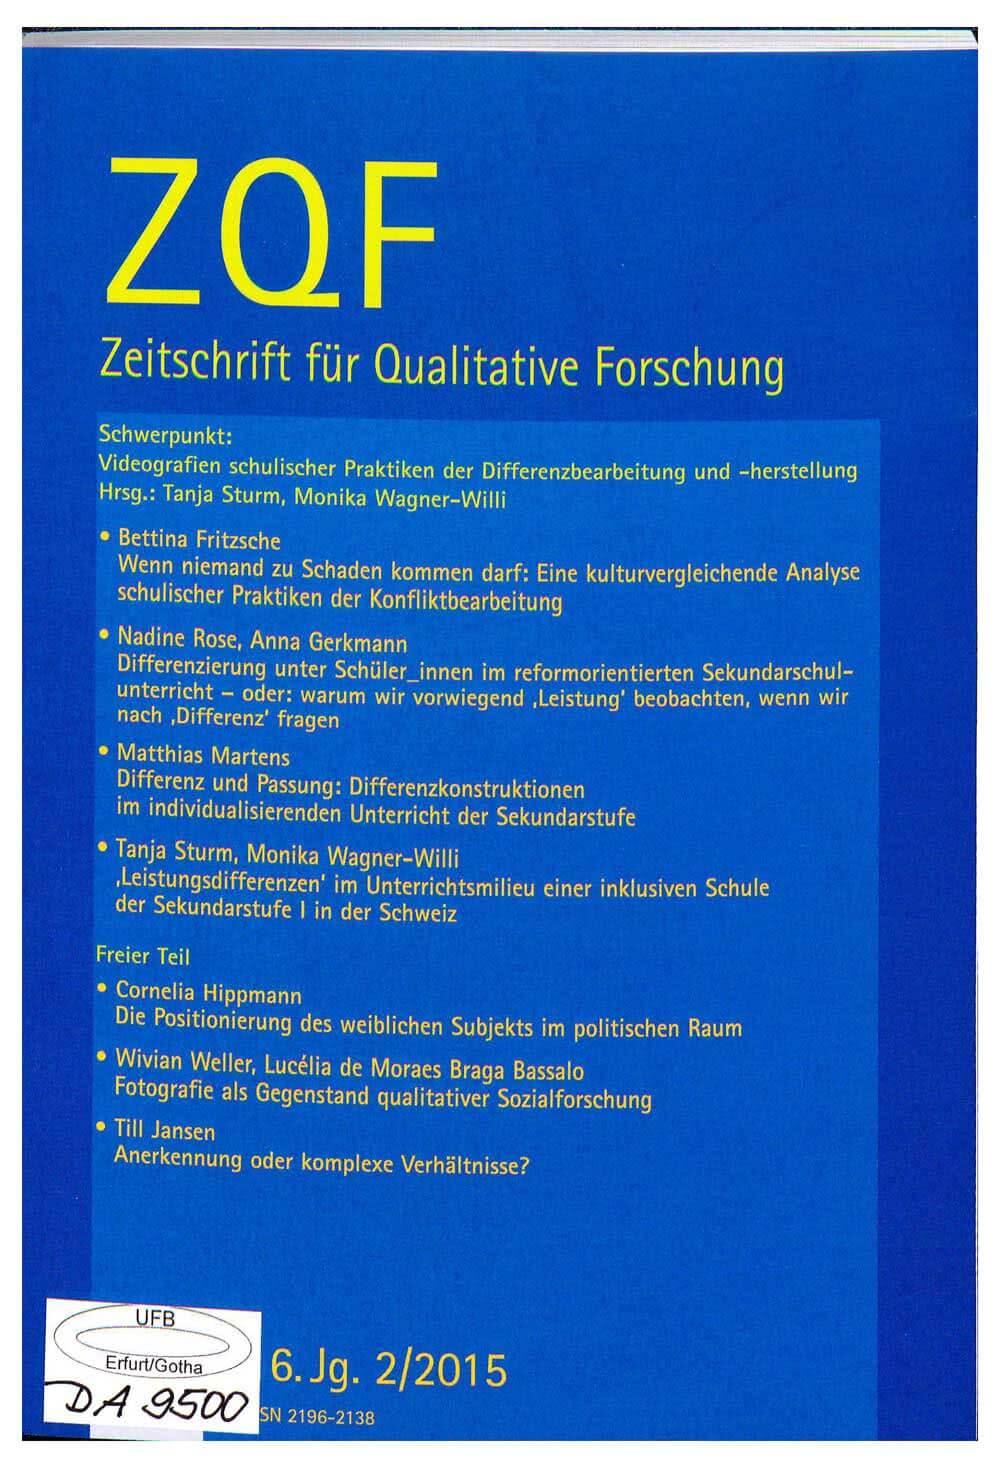 Informationen zur Quelle einer Zeitschrift bzw. Journal